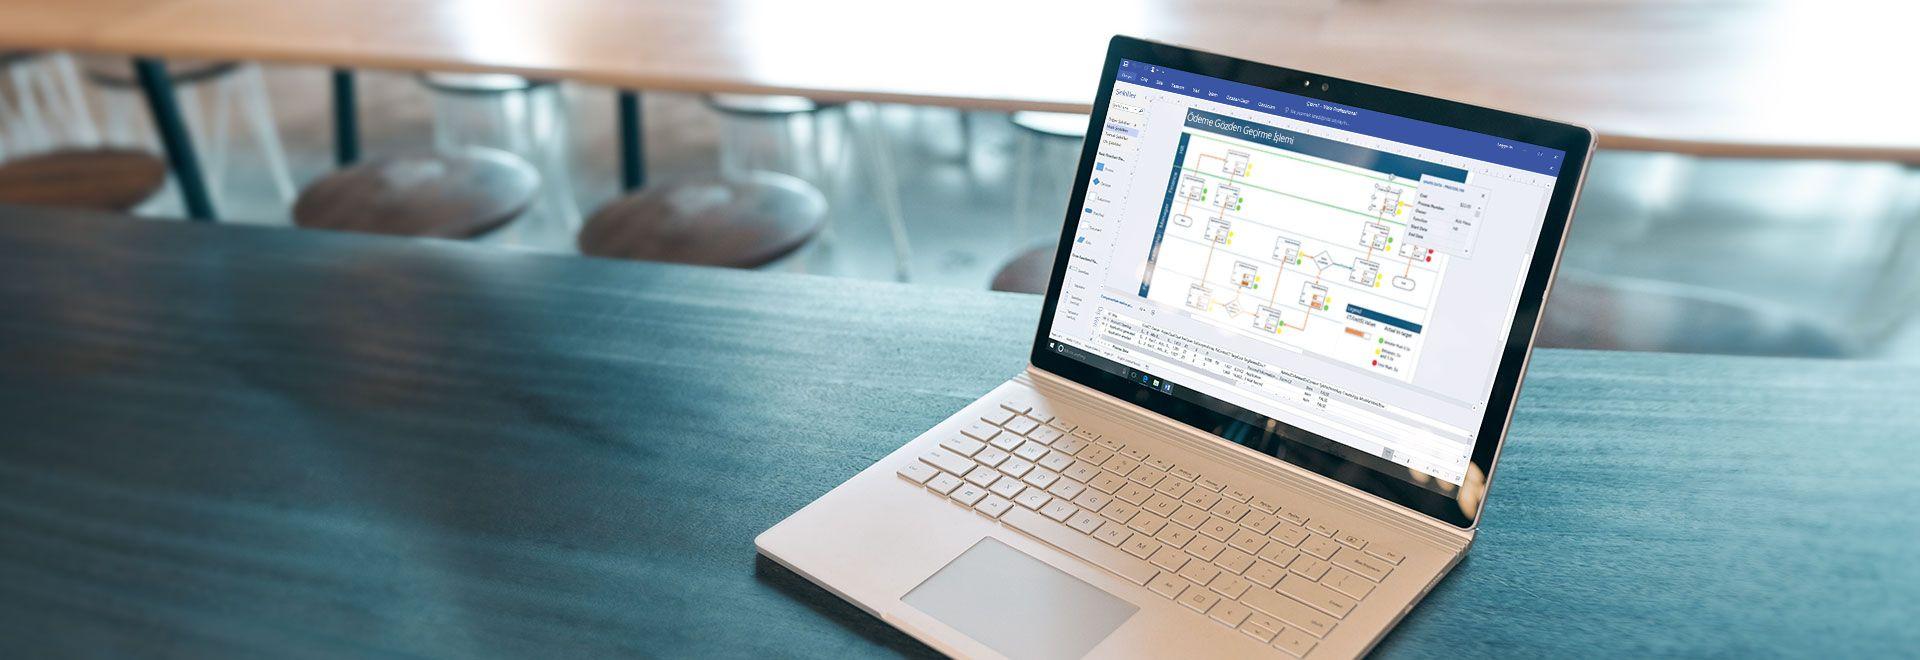 Visio'daki bir süreç iş akışı diyagramını gösteren dizüstü bilgisayar